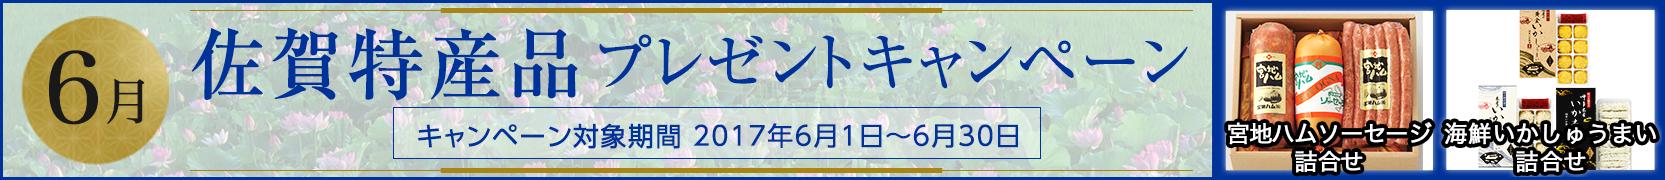 佐賀県特産品プレゼントキャンペーン6月